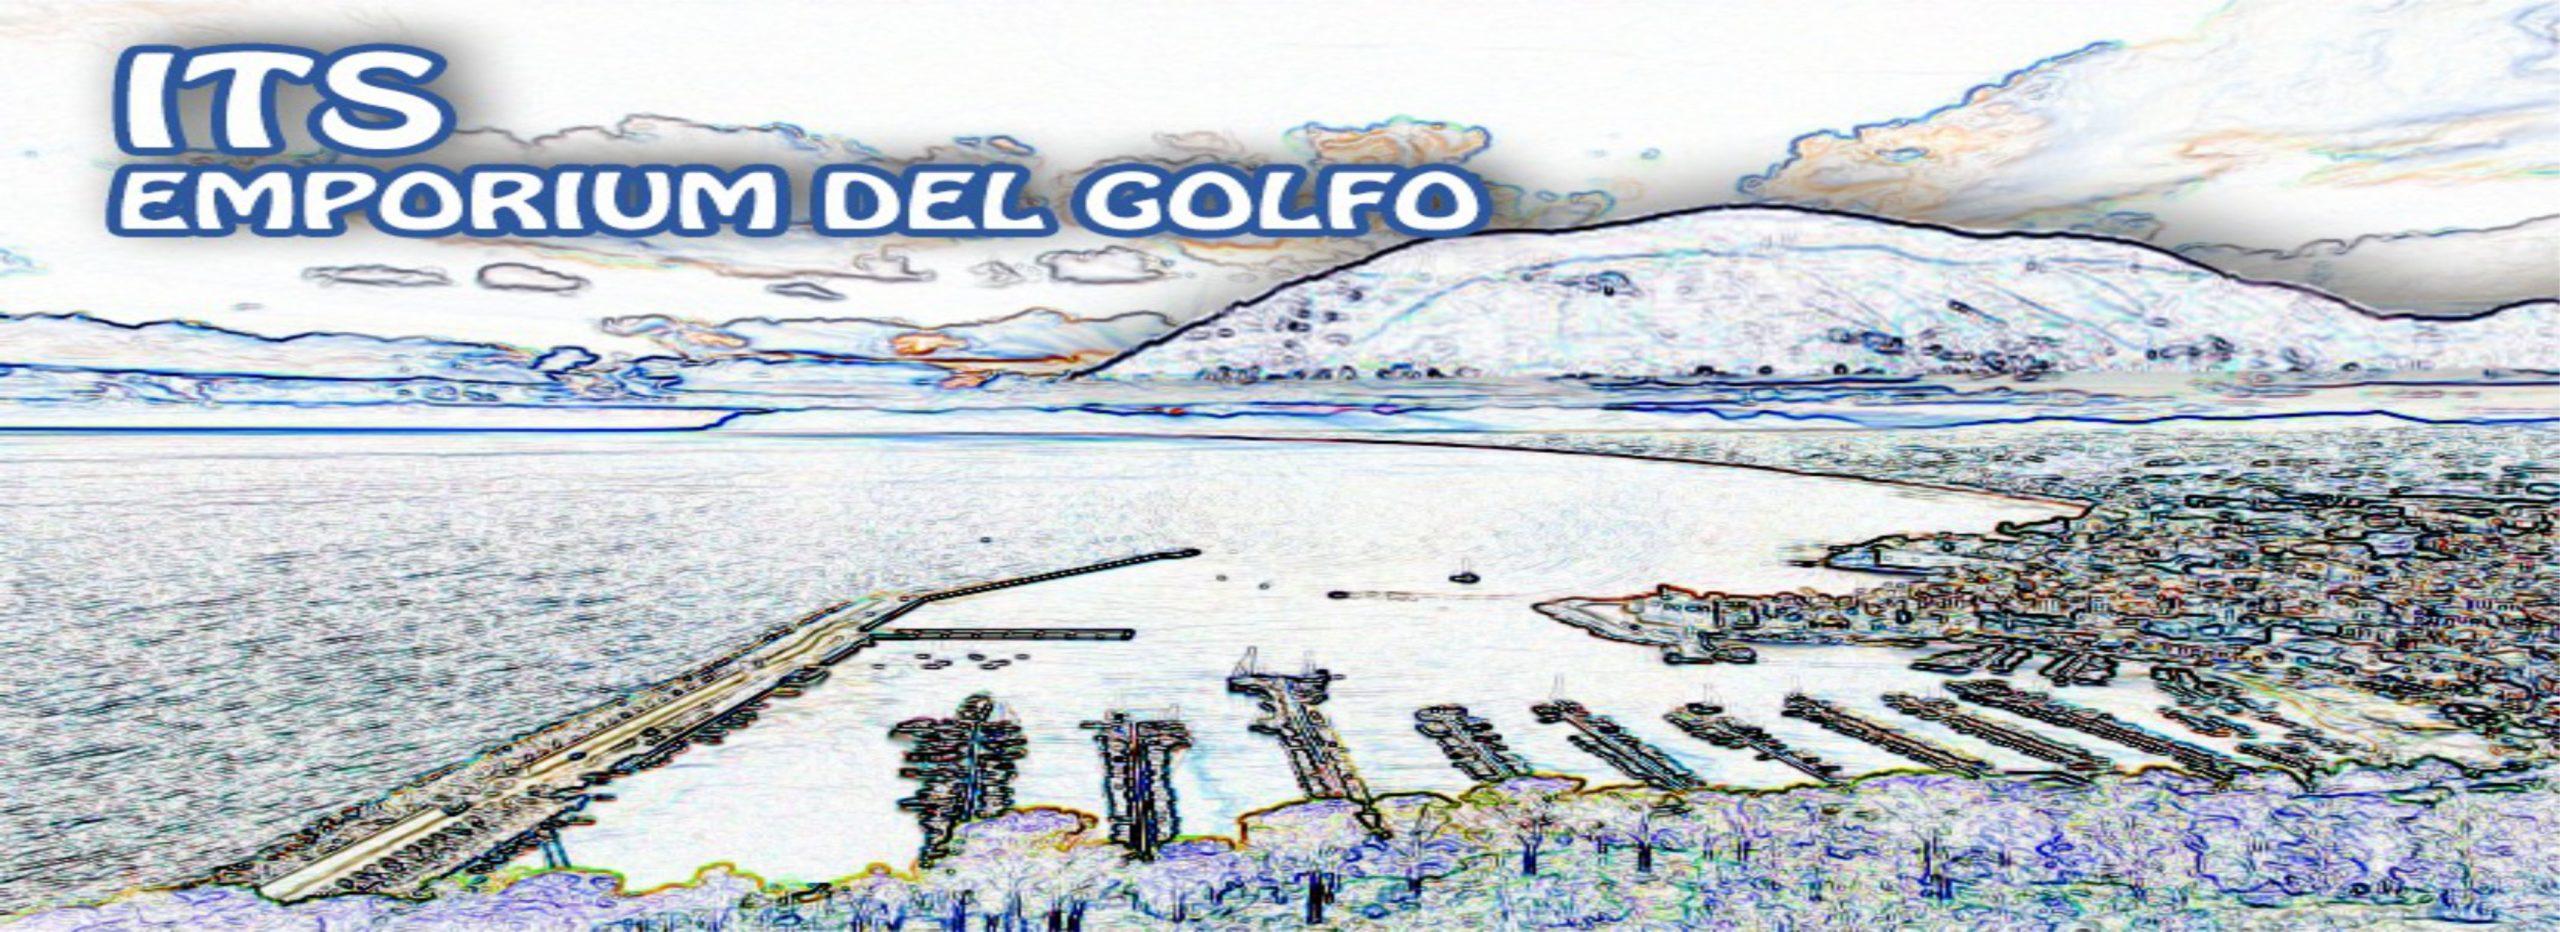 logo Fondazione ITS EMPORIUM DEL GOLFO